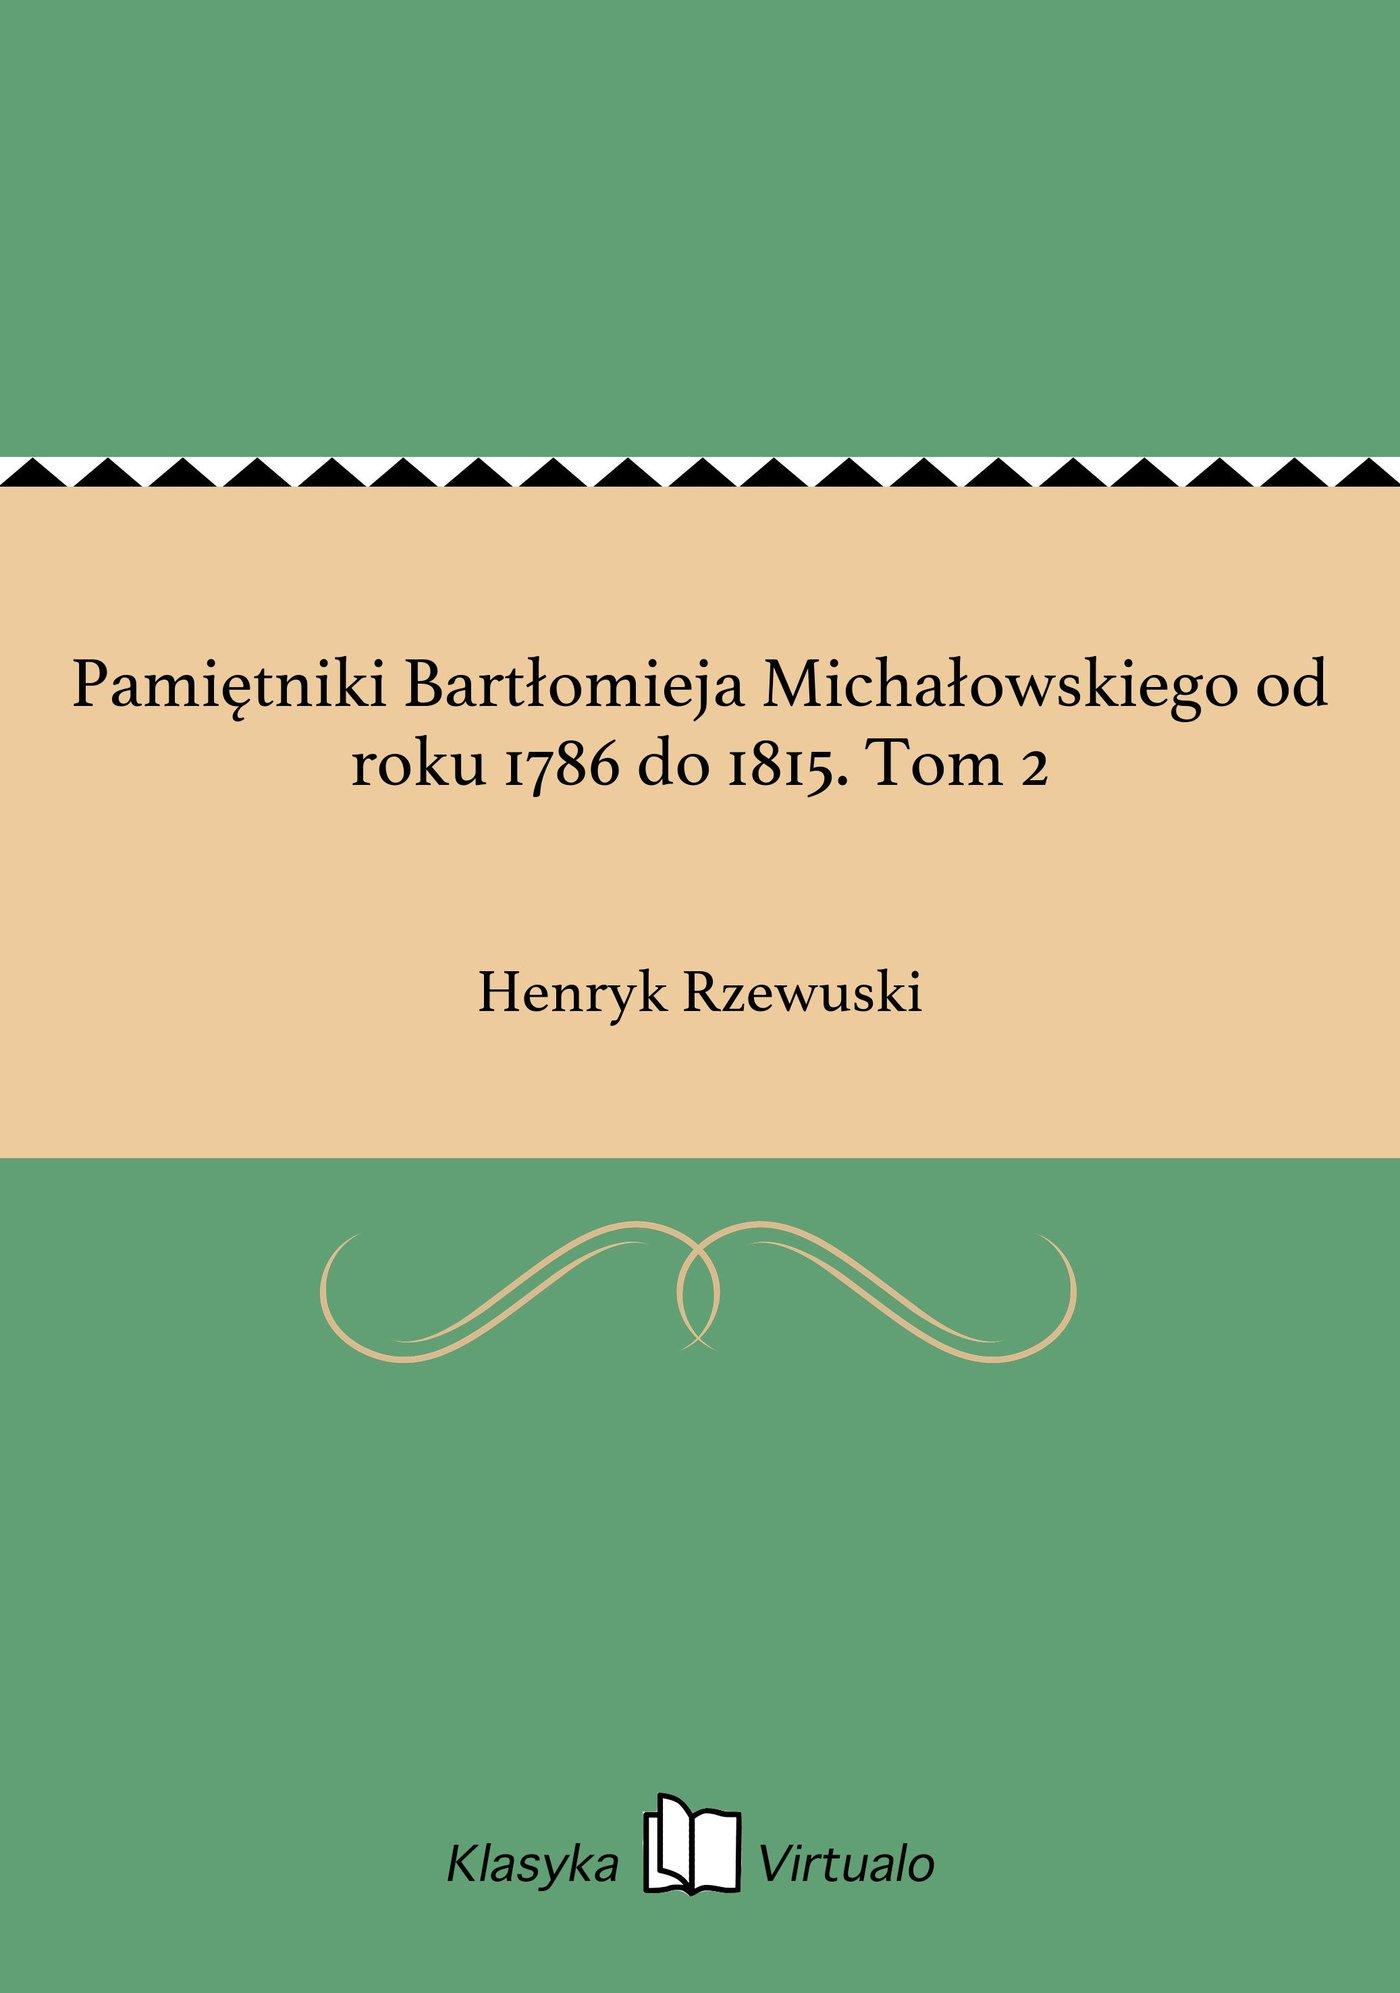 Pamiętniki Bartłomieja Michałowskiego od roku 1786 do 1815. Tom 2 - Ebook (Książka EPUB) do pobrania w formacie EPUB